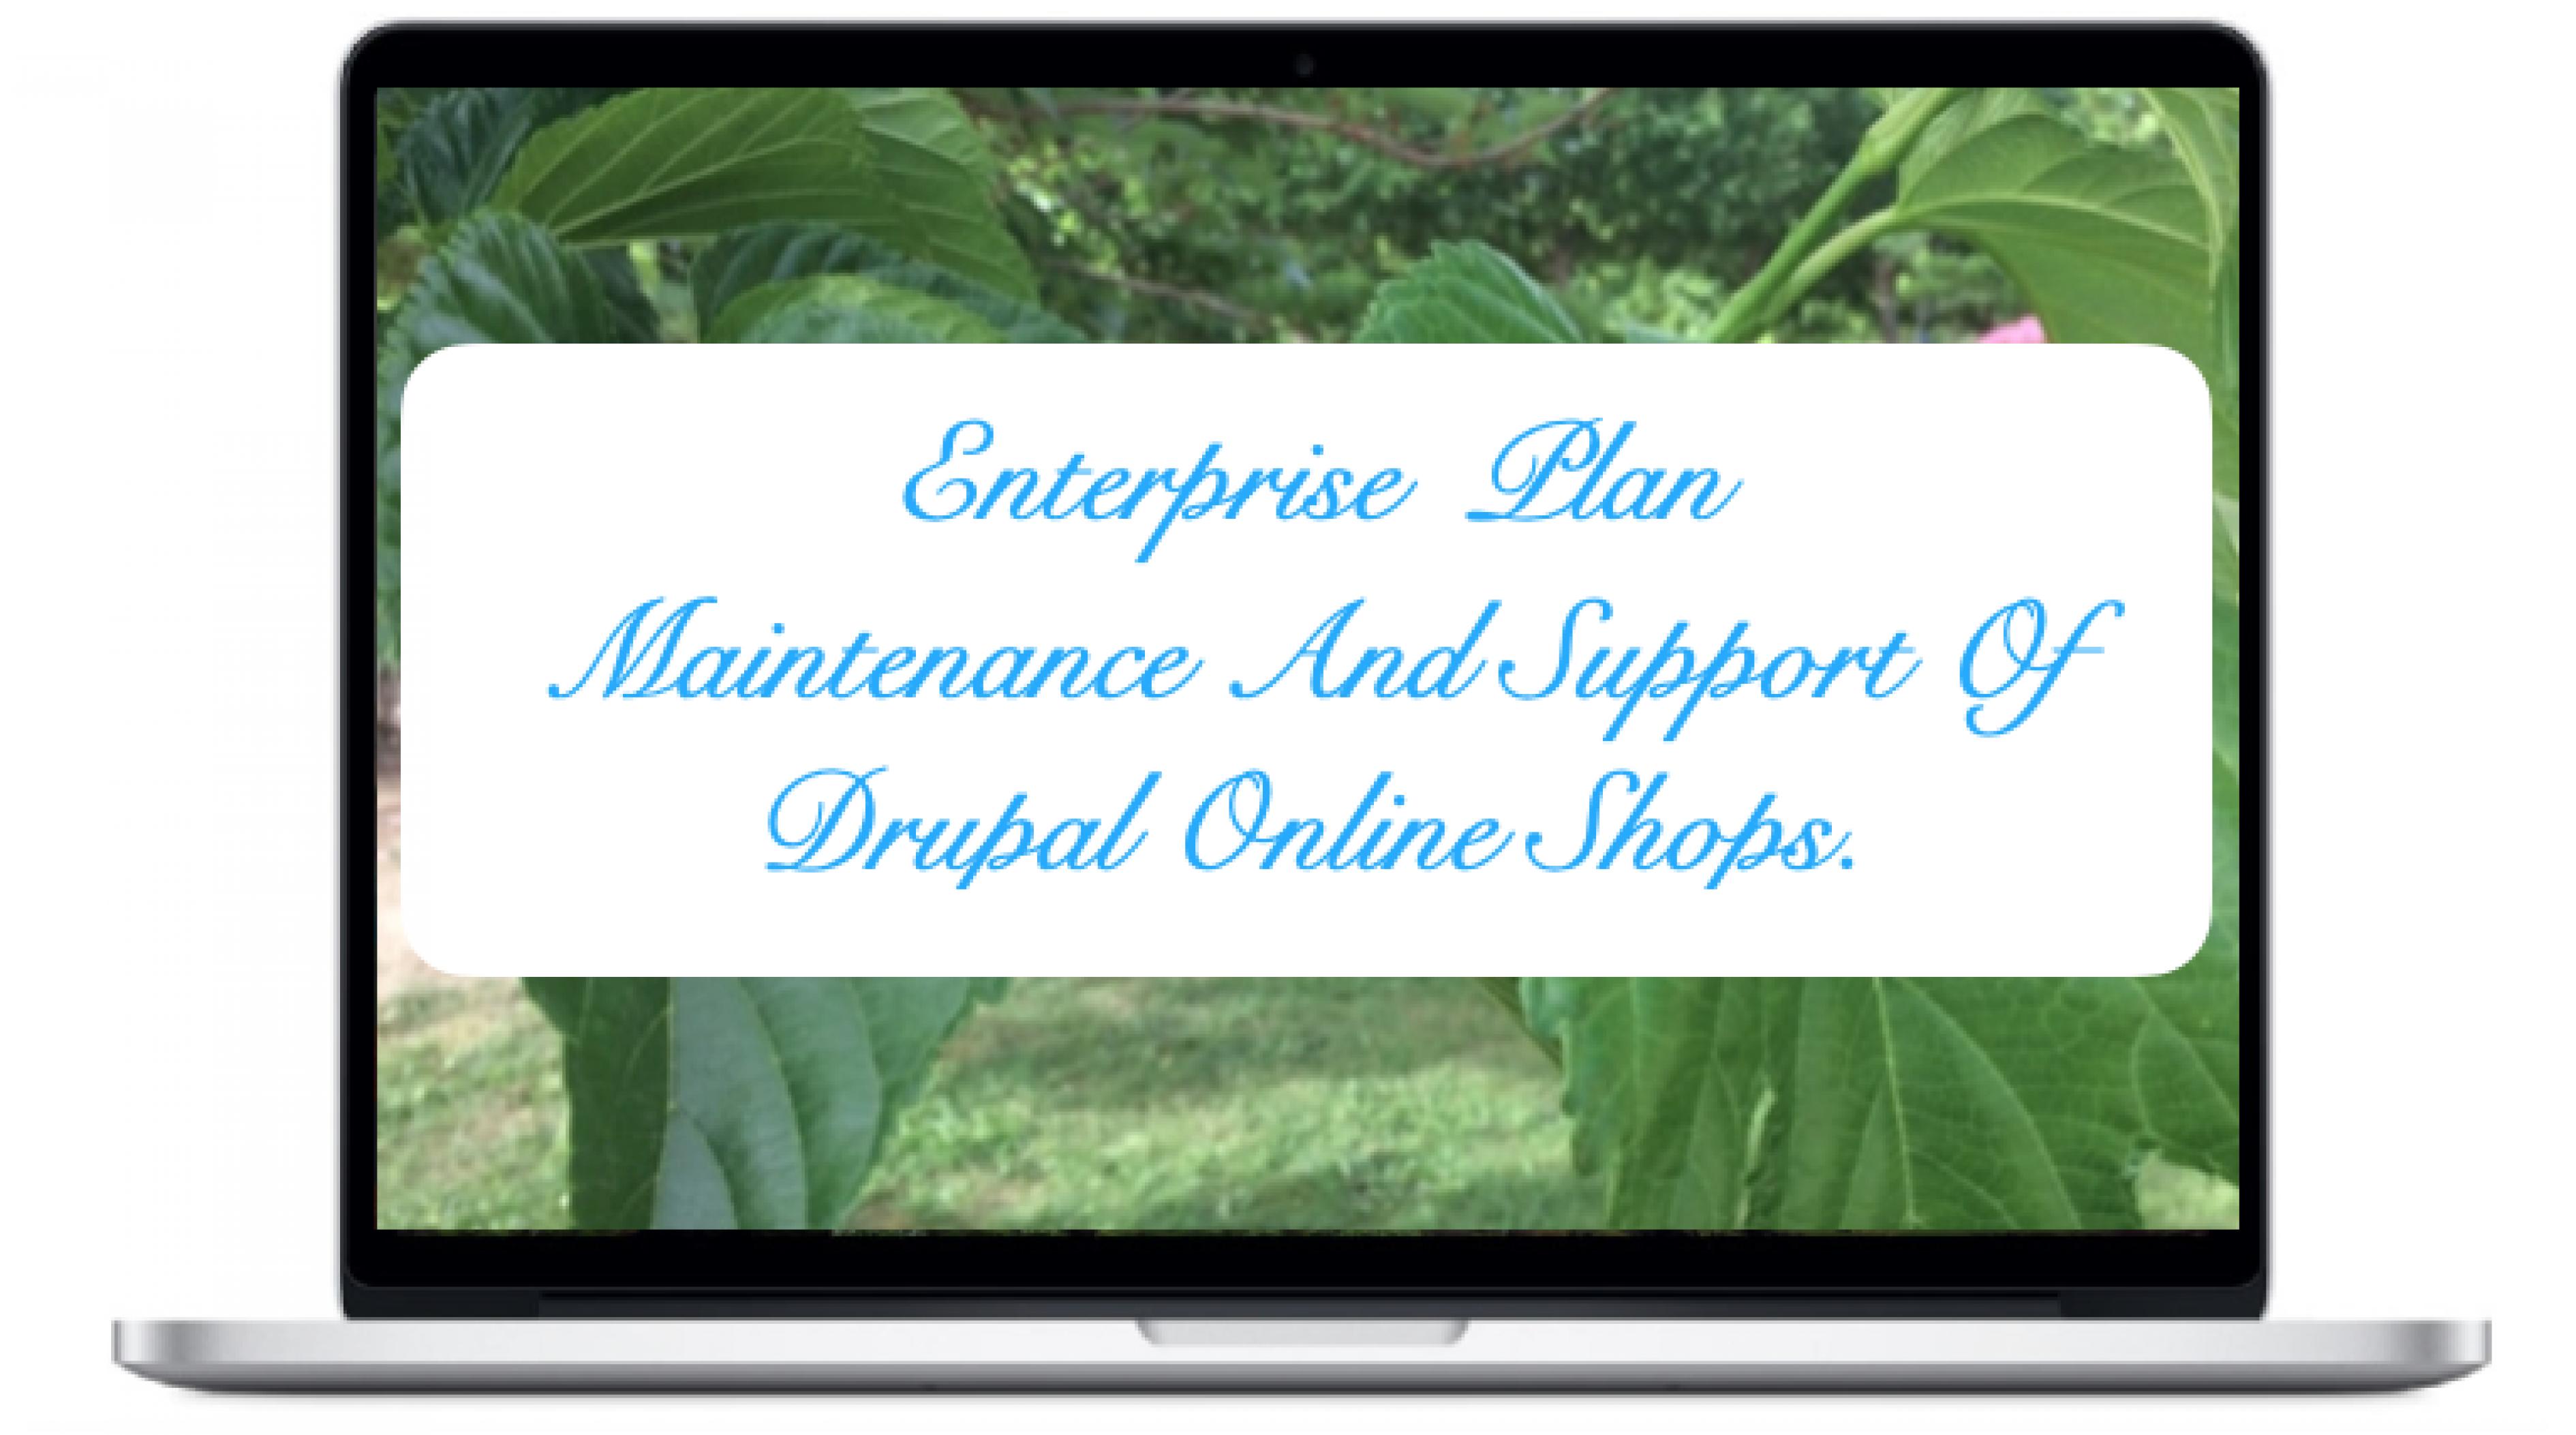 entreprise-maintenance-and-support-drupal-online-shops